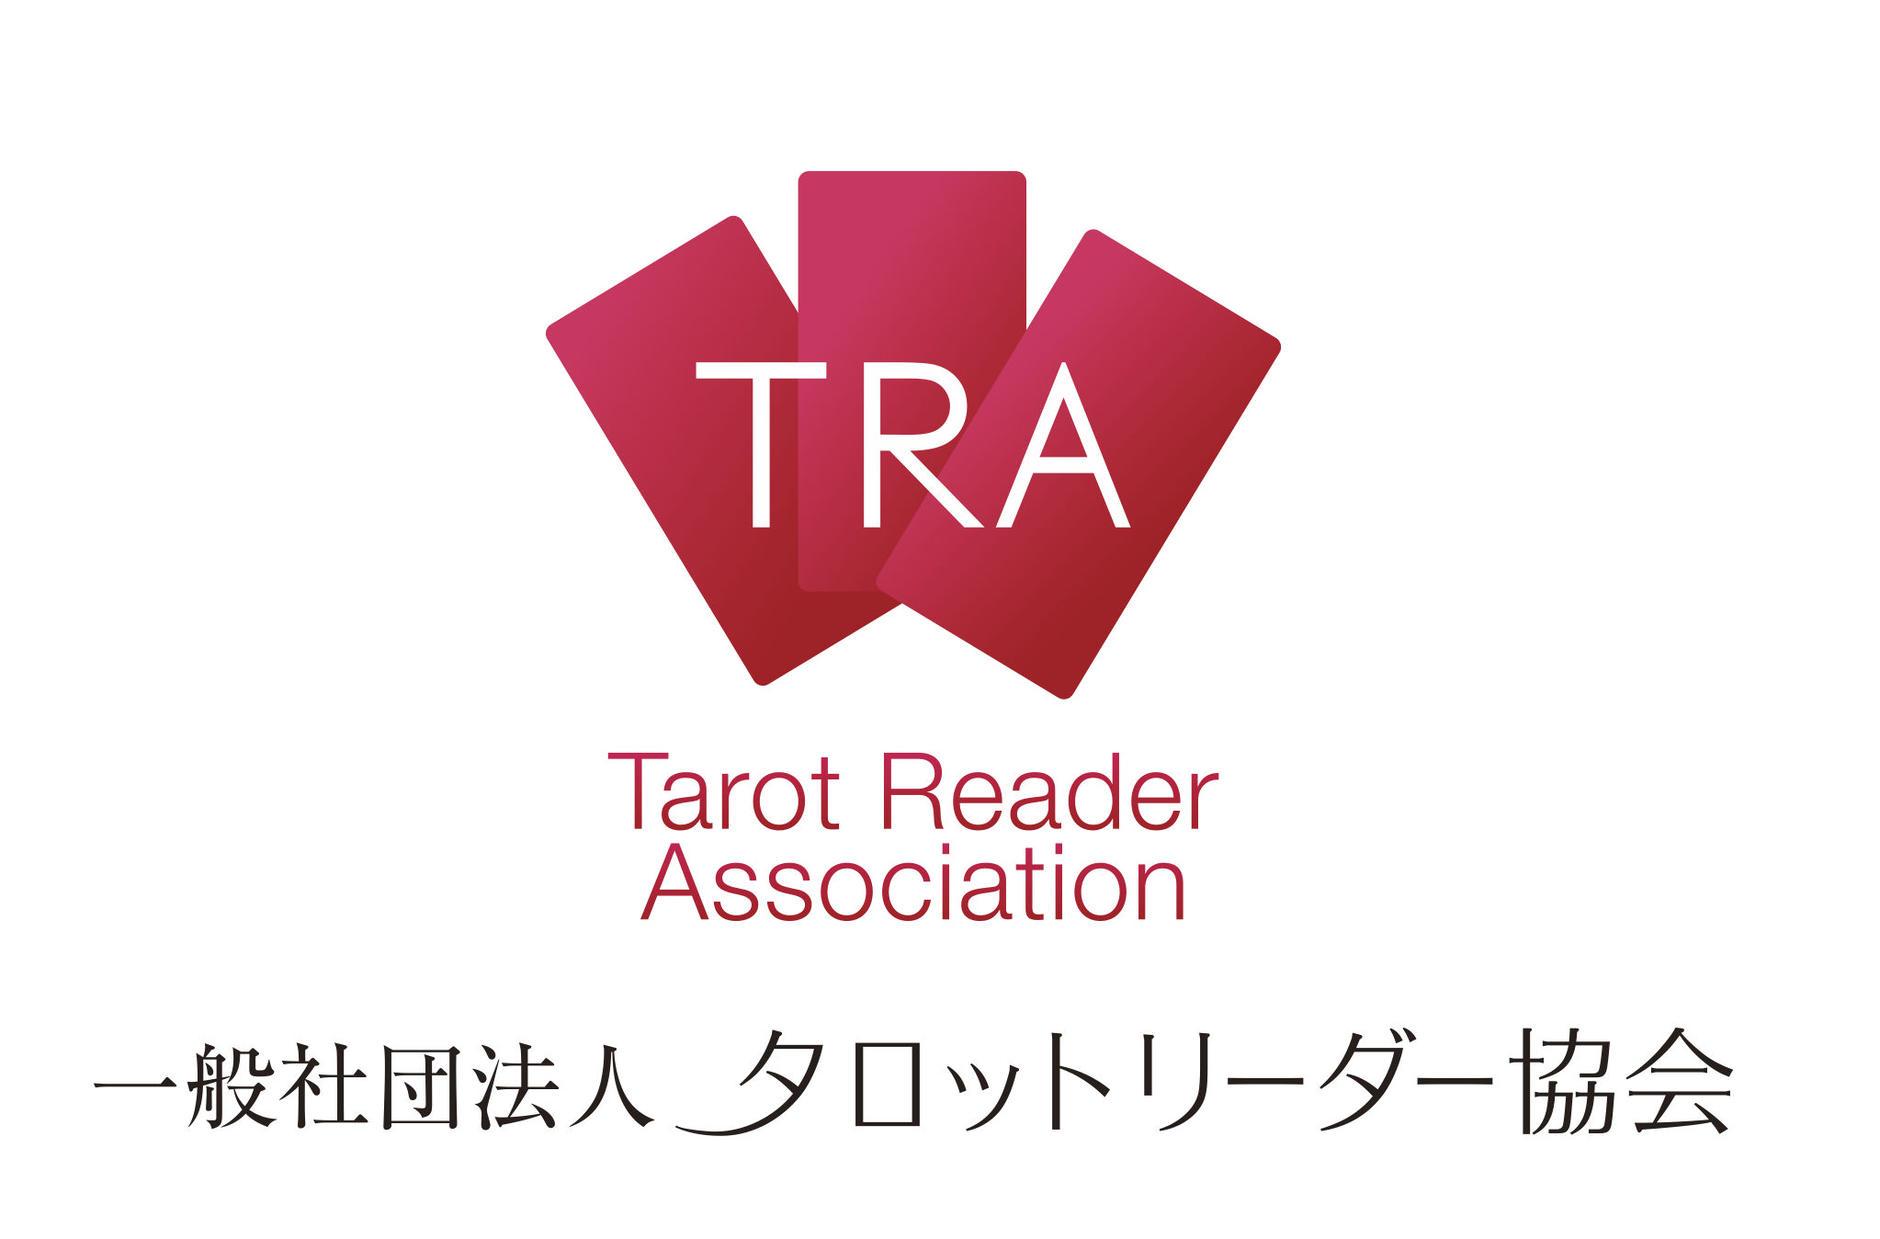 タロットリーダー協会